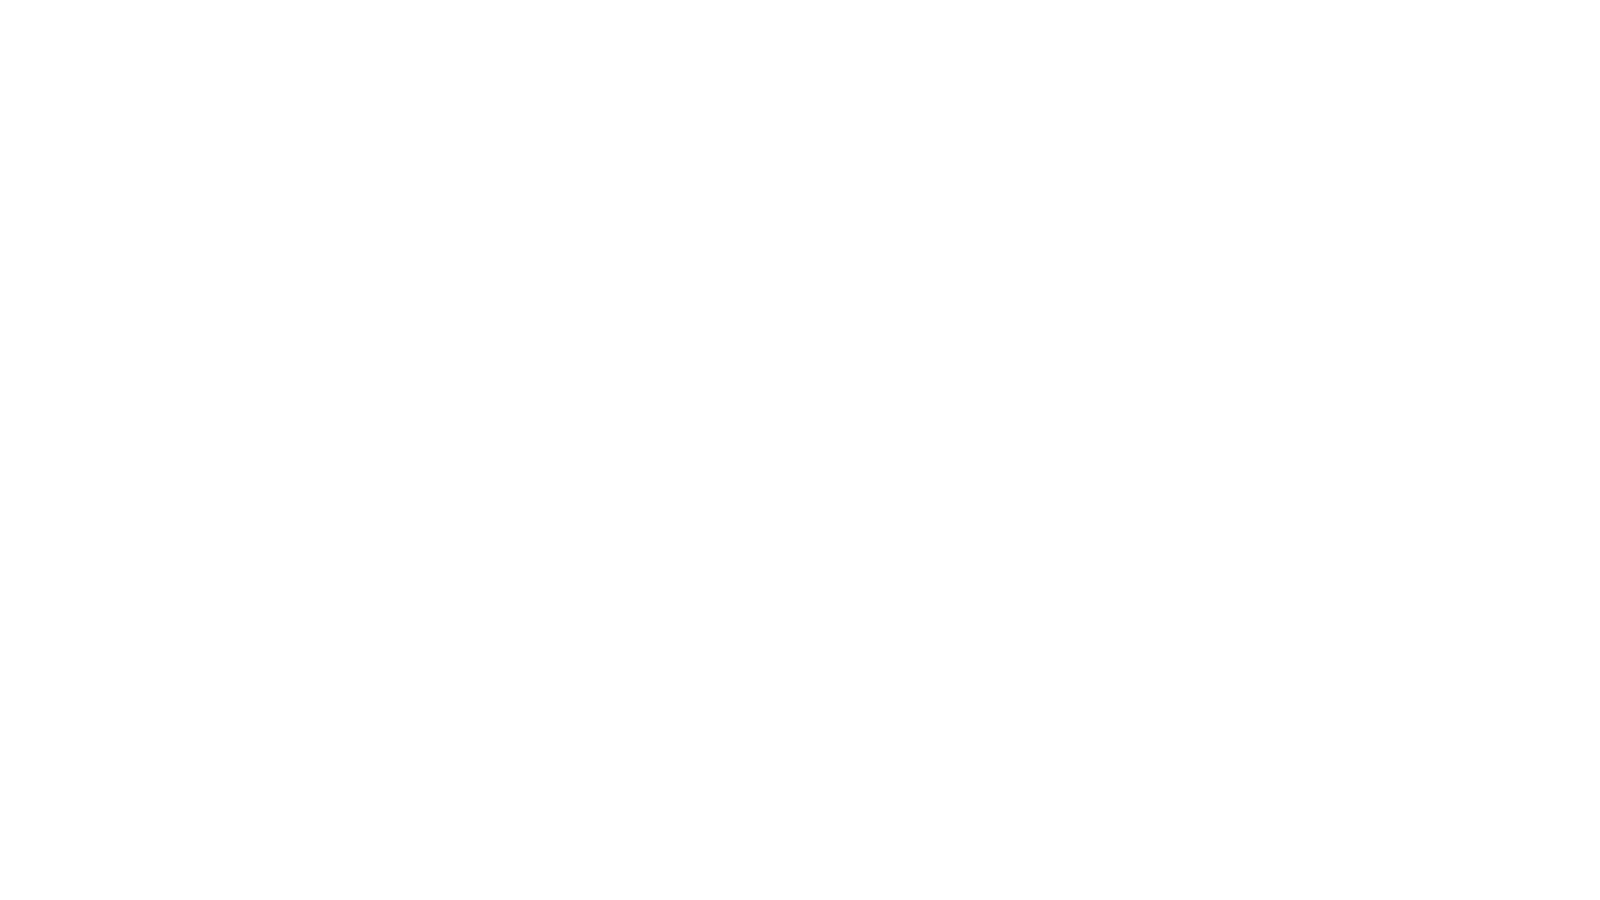 """🟠 LINKI Z FILMU: ➡️ DARMOWY KURS: Domeny internetowe - Inwestowanie i flipowanie ► https://odkelneradomilionera.pl/inwestowanie-w-domeny-internetowe/ ➡️ DARMOWY KURS Amazona i biznesu online ► http://odkelneradomilionera.pl/darmowy-kurs/  W tym filmie pokażę Wam czym jest inwestowanie w domeny internetowe oraz podpowiem jak zarabiać na domenach internetowych.  ★☆★ ZOBACZ POSTA NA BLOGU: ★☆★ http://odkelneradomilionera.pl/jak-inwestowac-w-domeny-internetowe-poradnik-krok-po-kroku/  ★☆★ SUBSKRYBUJ MNIE NA YOUTUBE: ★☆★ Subskrybuj ► http://www.youtube.com/c/TomaszMicherda   ★☆★ POLUB MOJE STRONY NA: ★☆★ Artykuły i kursy ► http://www.odkelneradomilionera.pl Podcast ► https://odkelneradomilionera.pl/podcast/ Facebook ► https://www.facebook.com/OdKelneraDoMilioneraTomaszMicherda/ Instagram ► https://www.instagram.com/odkelneradomilionera/  ★☆★ MOJE PRODUKTY I KURSY: ★☆★ Podstawy Amazona i biznesu online (🟢DARMOWY)  ► https://odkelneradomilionera.pl/darmowy-kurs/ Bitcoin & Kryptowaluty (🟢DARMOWY) ► https://odkelneradomilionera.pl/kurs-bitcoina/ Produkt na Amazonie w 24H ► https://produkt24.pl/  Wydaj Bestseller na Amazon Kindle ► https://wydajbestseller.pl/  Dopalacz Amazon KDP ► https://dopalaczkdp.pl/ Kurs e-commerce """"Domowy Milioner"""" ► https://domowymilioner.pl/ Poranne Nawyki ► https://porannenawyki.pl/  Kurs WordPress ► https://kursblog.pl/ Gotowe szablony produktów na Amazon KDP ► https://zeszyt24.pl/  Kurs grafiki """"Alfabet Grafika"""" ► https://alfabetgrafika.pl/  Kurs Merch by Amazon: Sprzedawaj koszulki na Amazonie ► https://kursmerch.pl/ Mastermind Amazon KDP i Biznes Online ► https://odkelneradomilionera.pl/mastermind/ Self-publishing krok po kroku w Polsce ► https://odkelneradomilionera.pl/kurs-self-publishing/ Domeny internetowe: Inwestowanie i flipowanie (🟢DARMOWY)  ► https://odkelneradomilionera.pl/inwestowanie-w-domeny-internetowe/  ★☆★ PROGRAM PARTNERSKI: ★☆★ Polecaj moje kursy online i zarabiaj 50% prowizji ► https://odkelneradomilionera.pl/afiliacja/  ★☆★ CZ"""